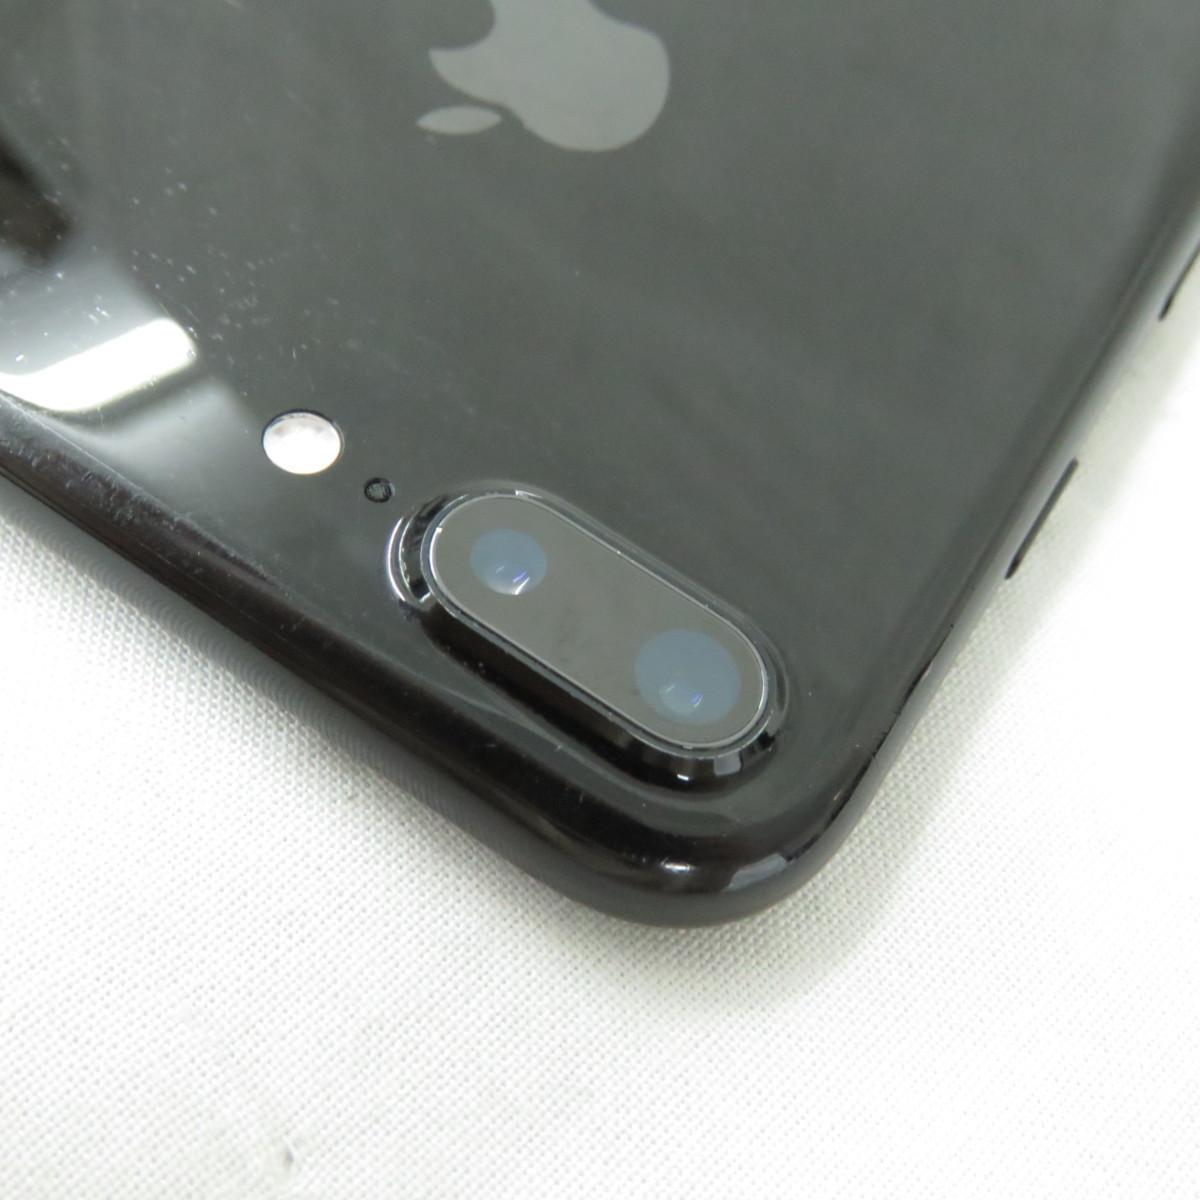 1円~【中古品】SoftBank ソフトバンク Apple iPhone 7 Plus 128GB MN6K2J/A ジェットブラック 判定○ ※SIMロック解除済 10703084_画像7